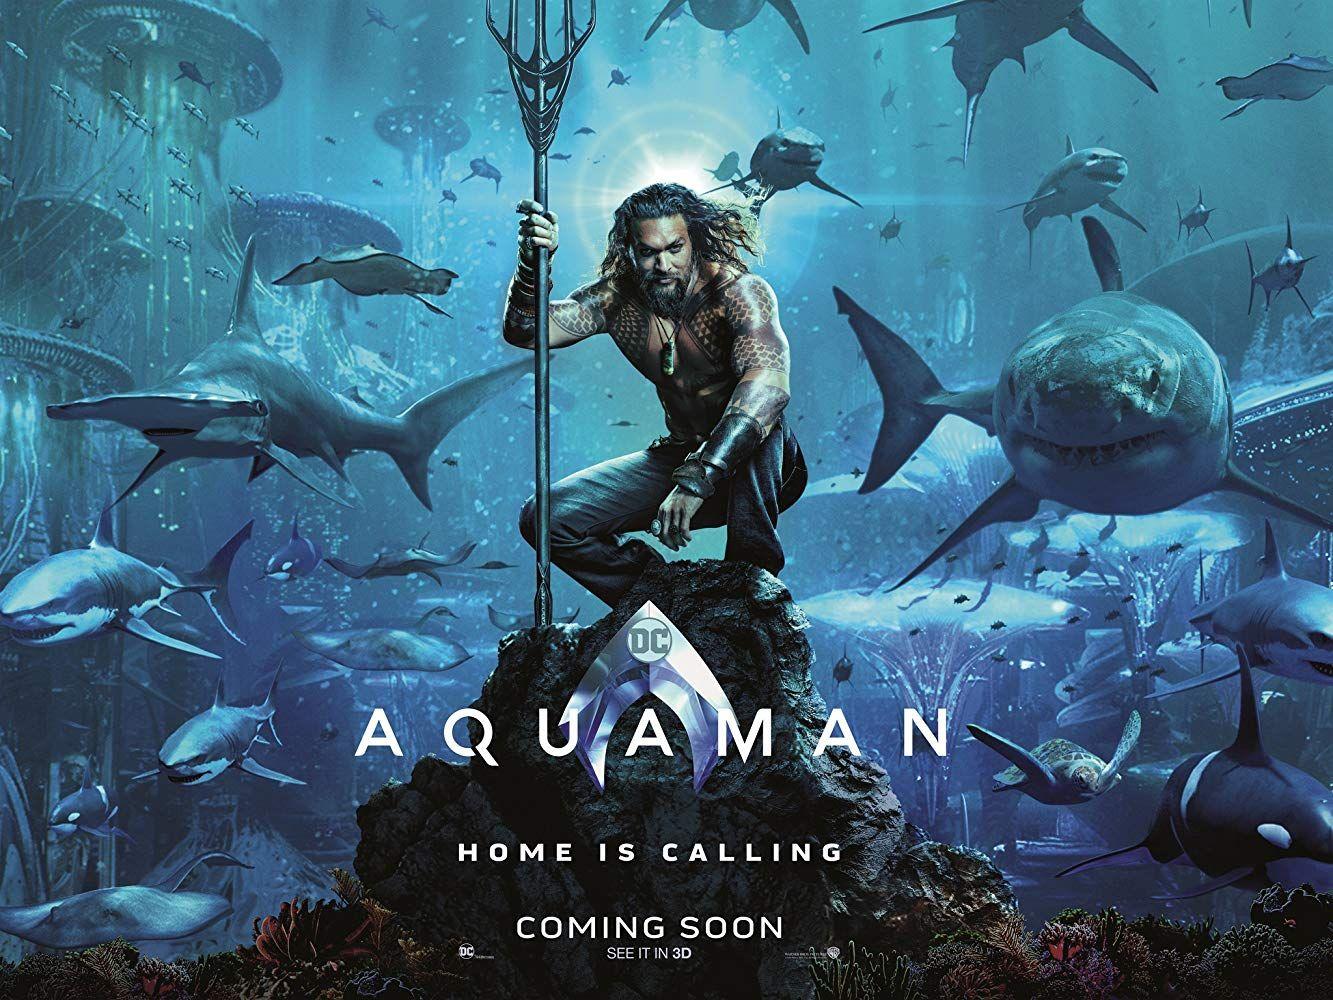 Aquaman 2018 Online Aquaman 2018 Online Latino Aquaman 2018 Online Gratis Aquaman 2018 Online Castellano Jurassic World El Reino Caido Aquaman Film Aksi Marvel